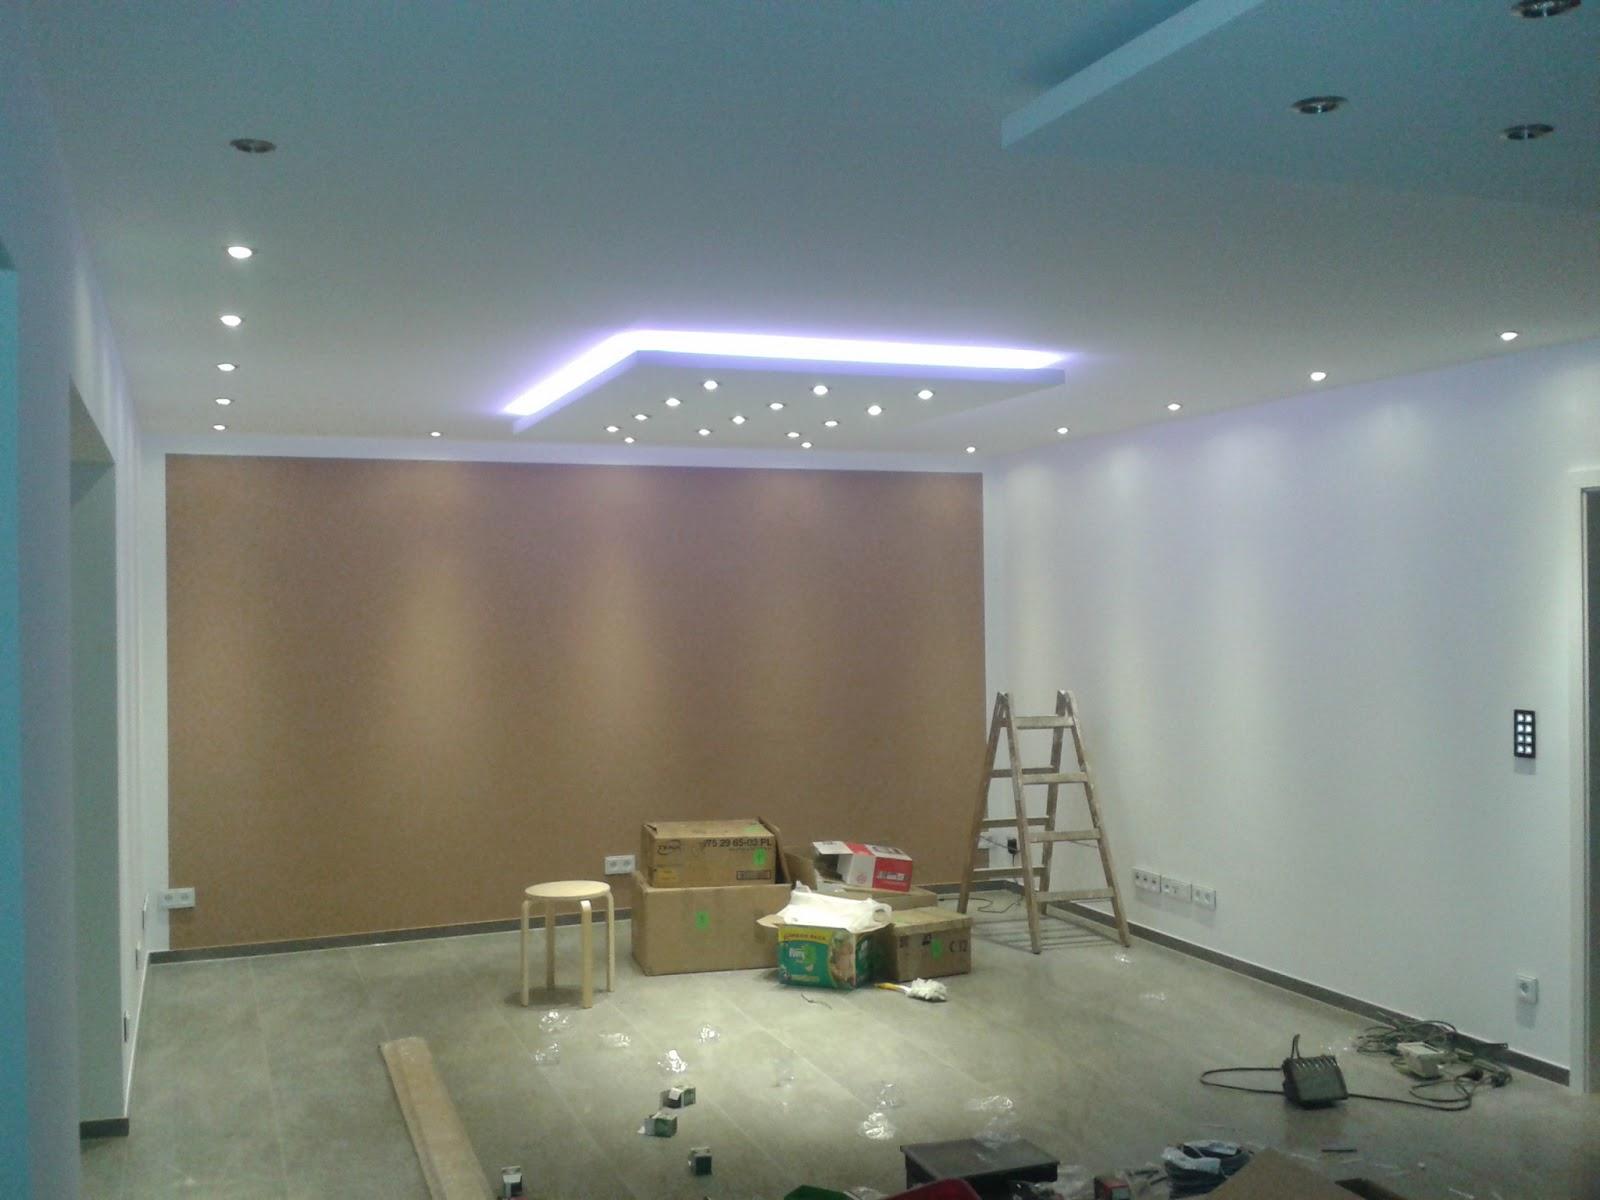 Full Size of Beleuchtung Wohnzimmer Lumen Fur Wohnzimmerschrank Led Tipps Indirekte Wand Decke Boden Planen Wieviel Ideen Indirekt Kommode Badezimmer Komplett Dekoration Wohnzimmer Beleuchtung Wohnzimmer